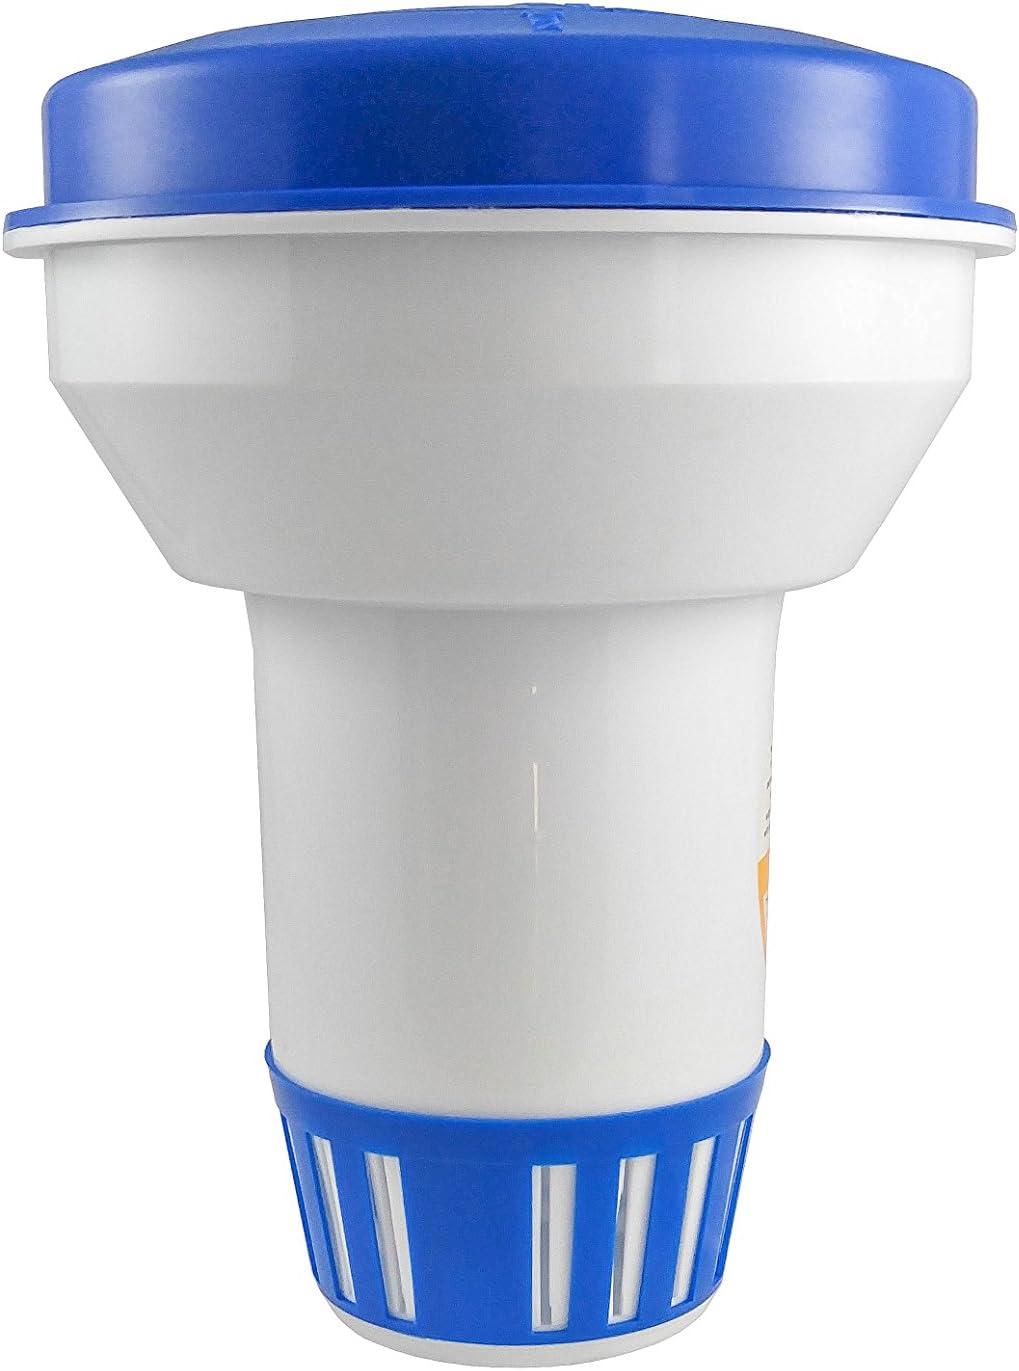 FibroPRO Supersize Floating Chlorine Tablet Dispenser